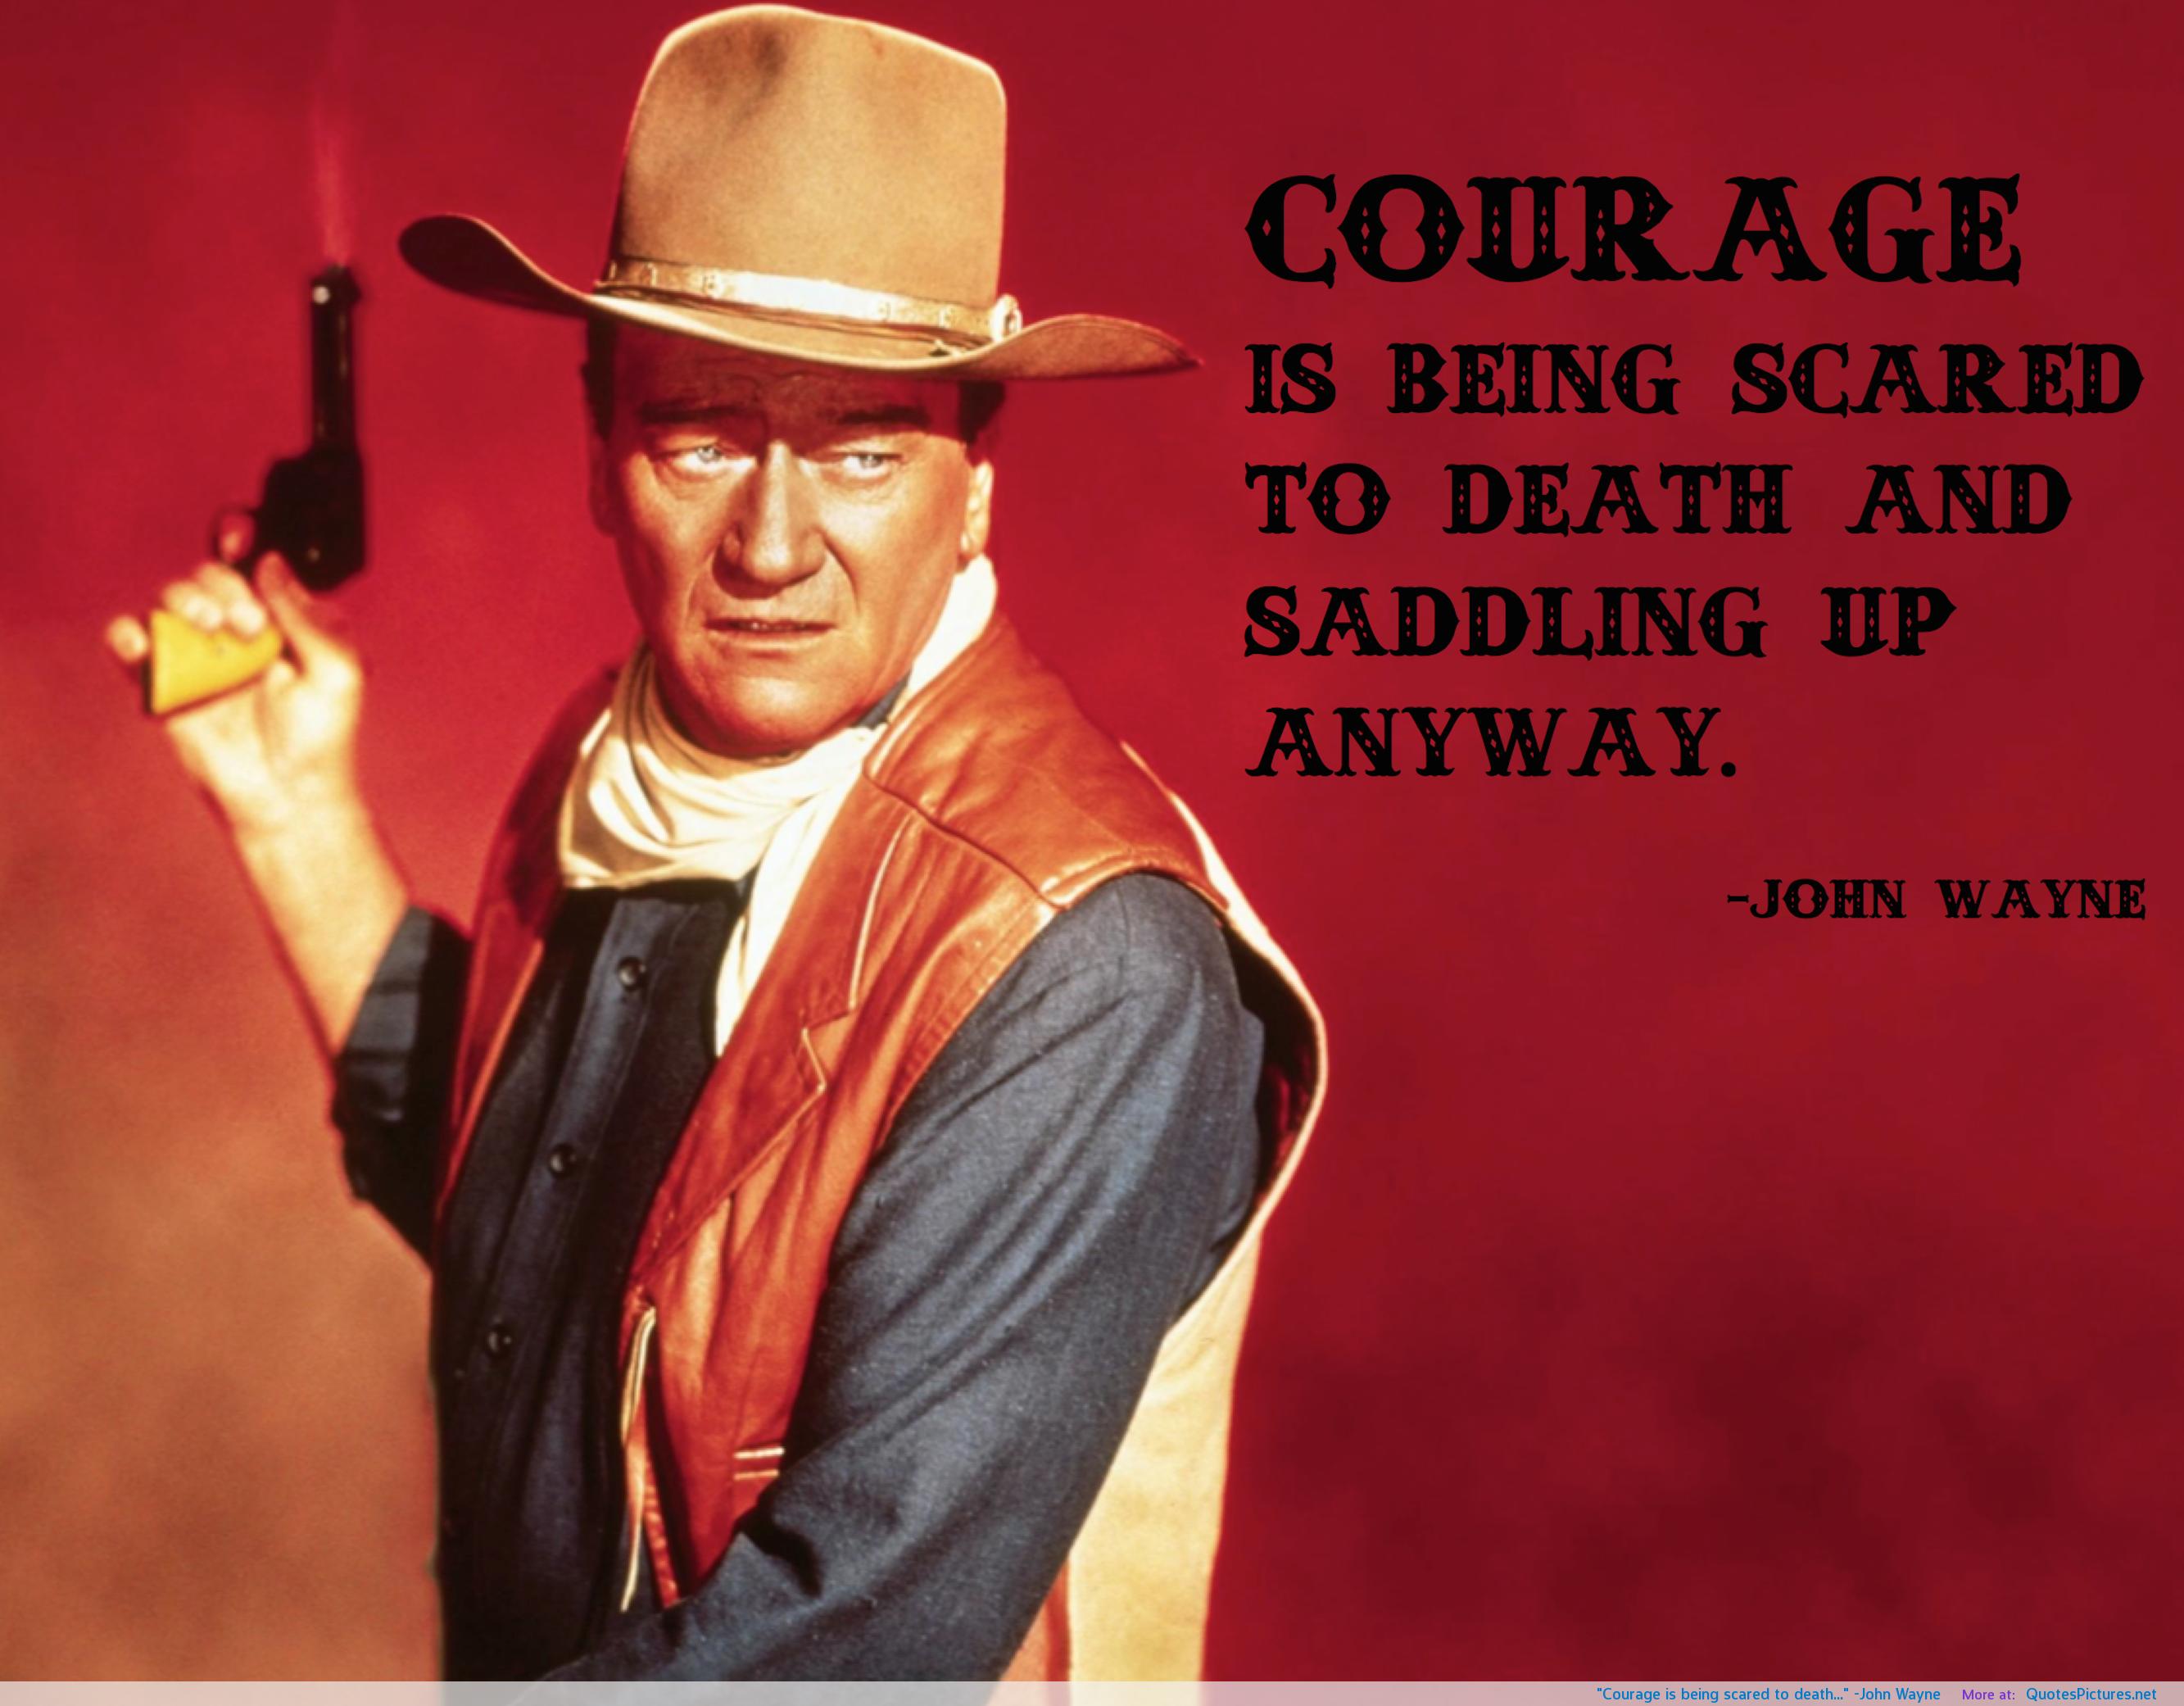 John Wayne Courage John Wayne Quotes John Wayne John Wayne Movies